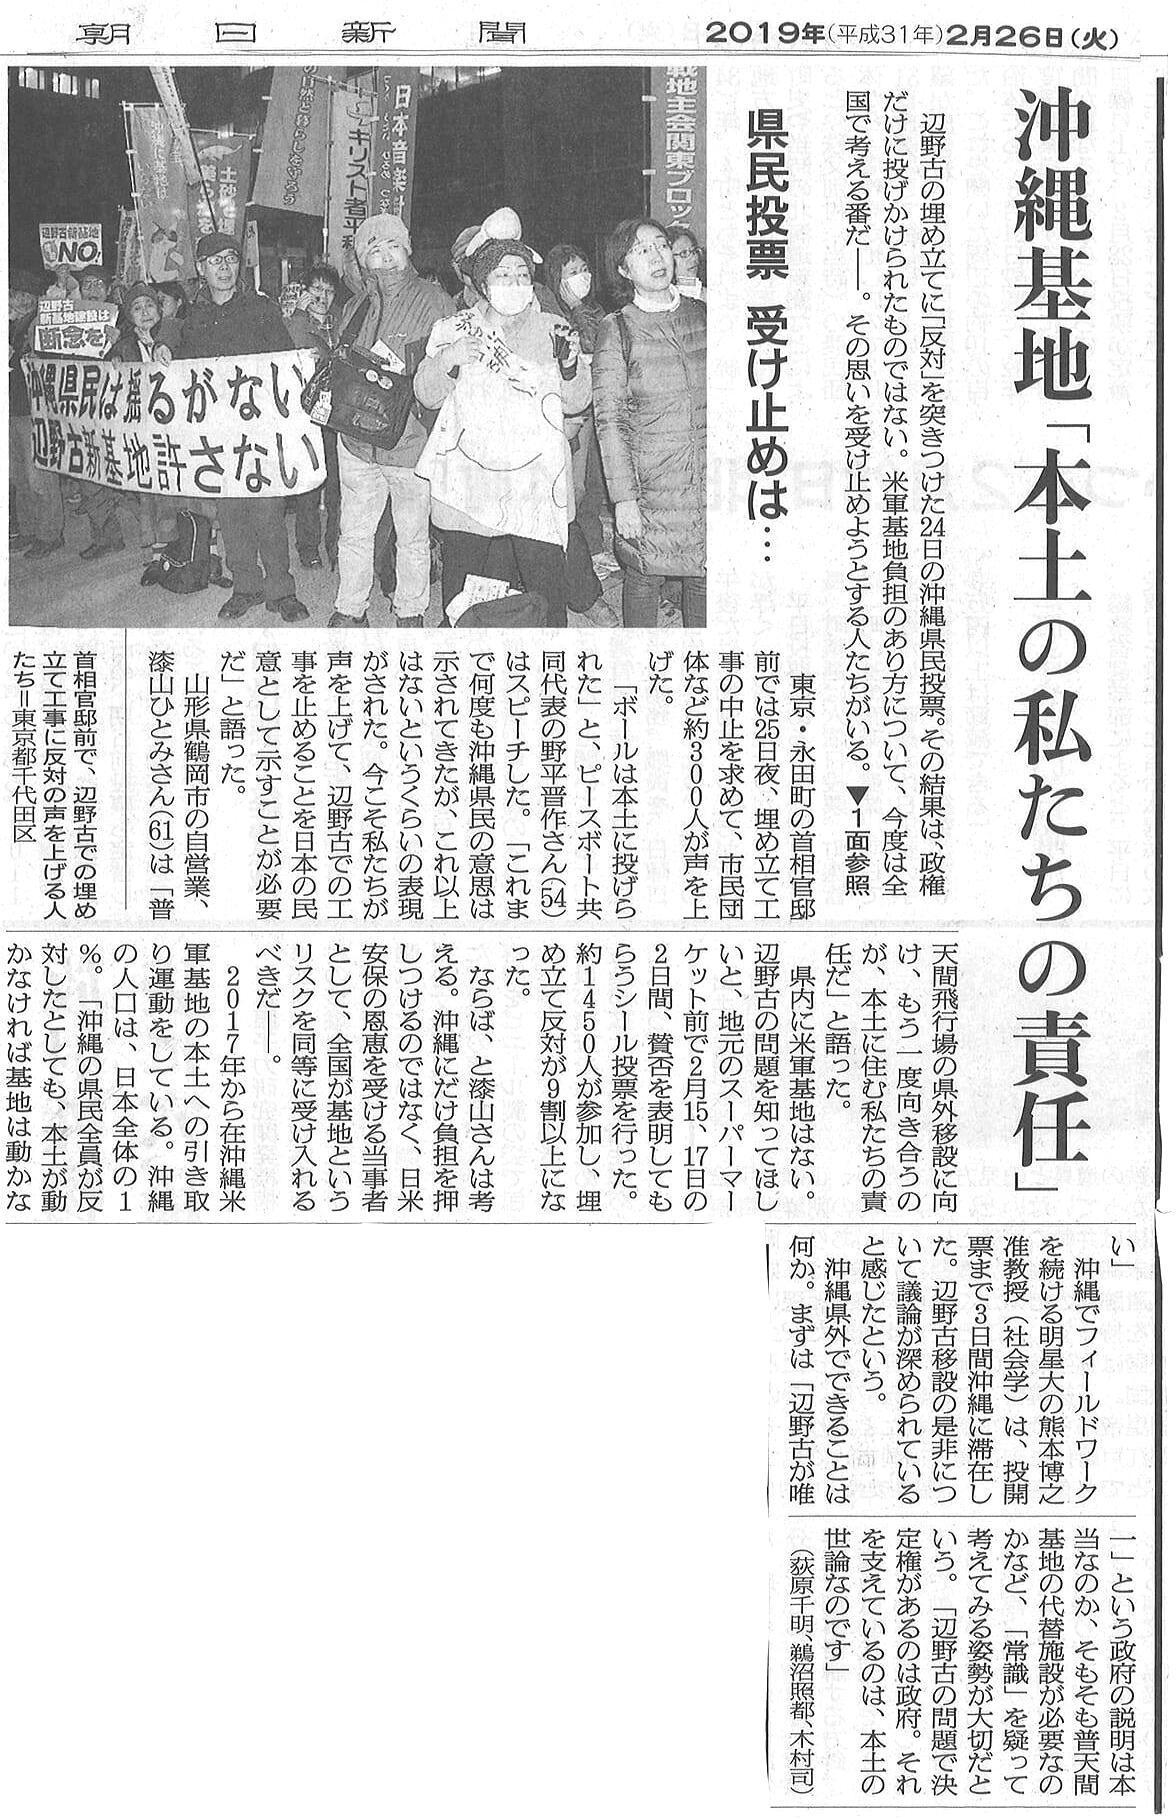 asahi2019 02261